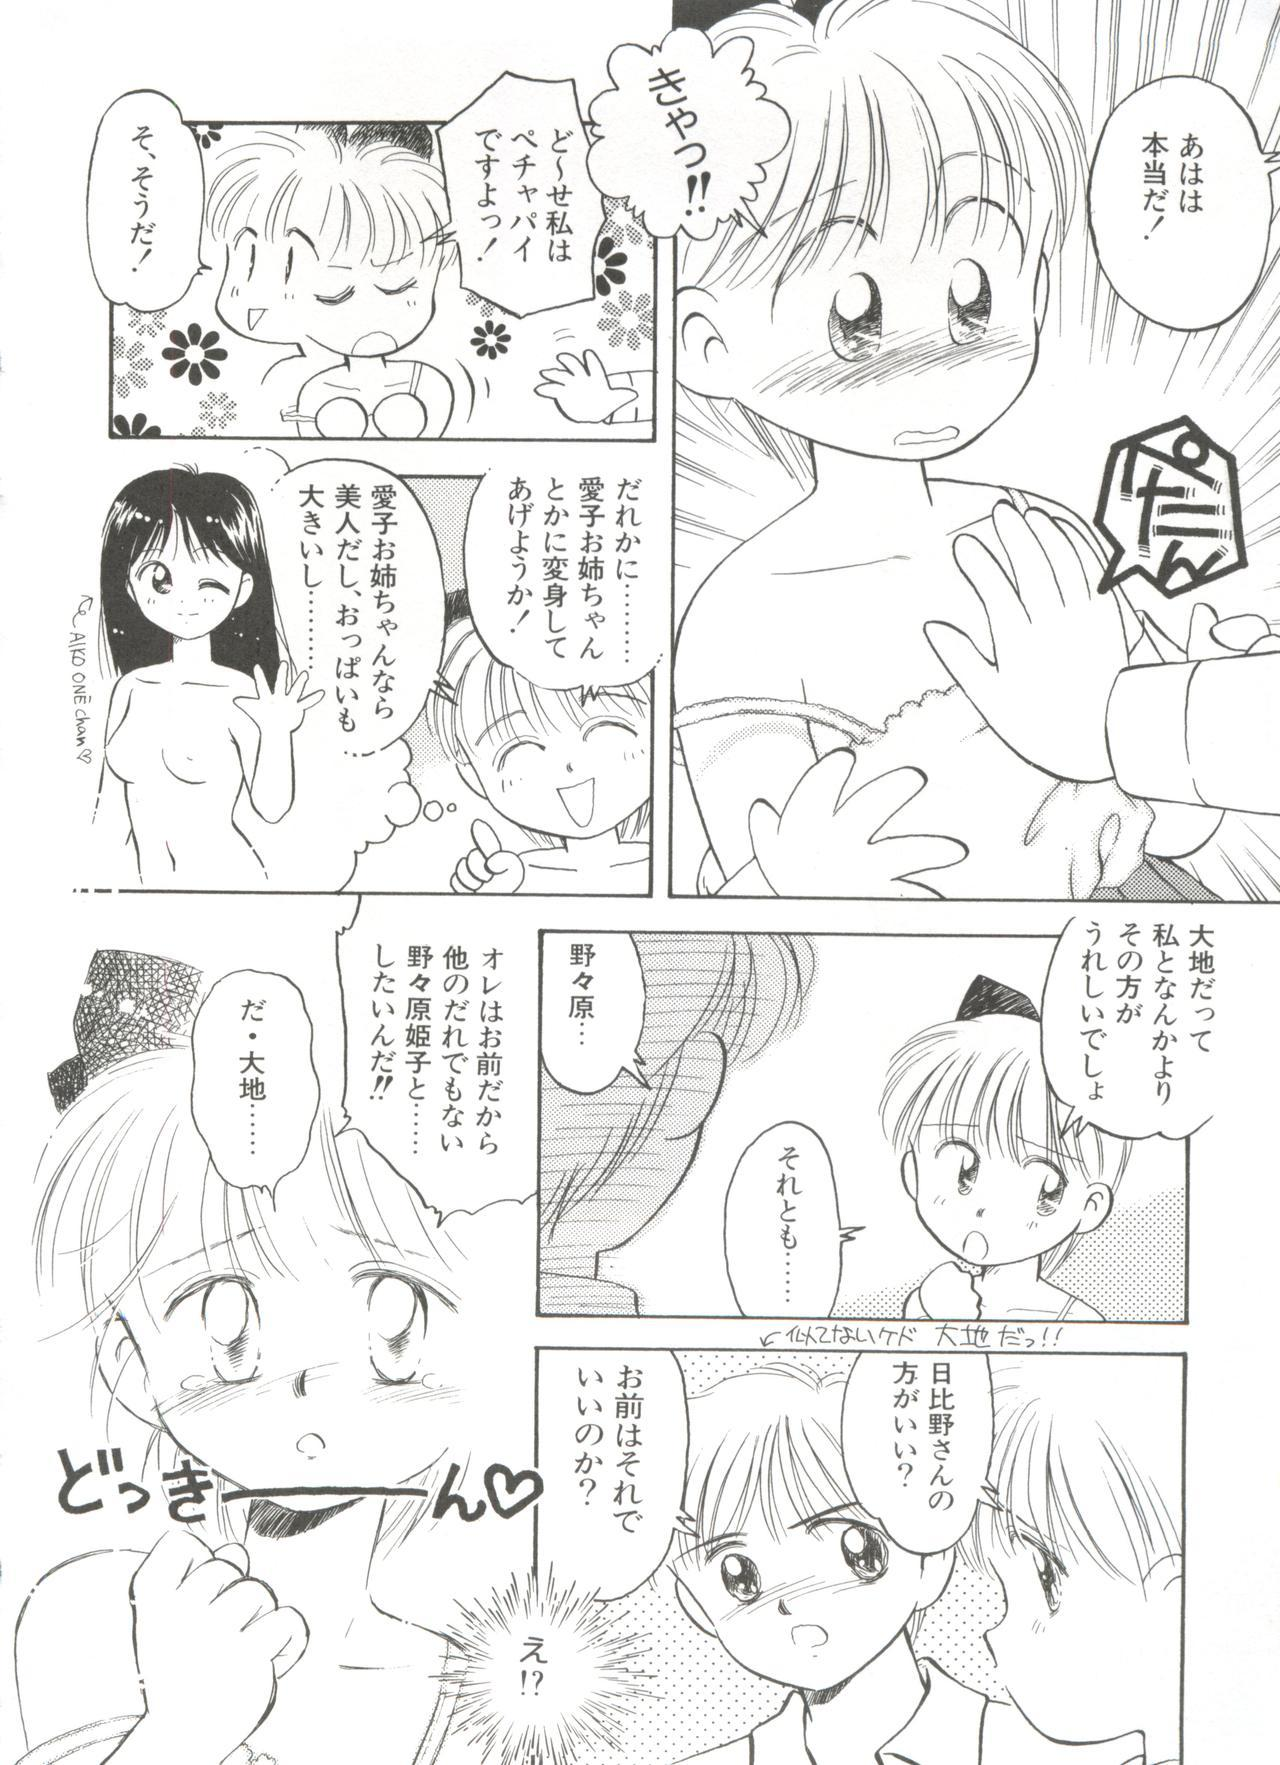 Shin Bishoujo Shoukougun 1 Reimei Hen 27